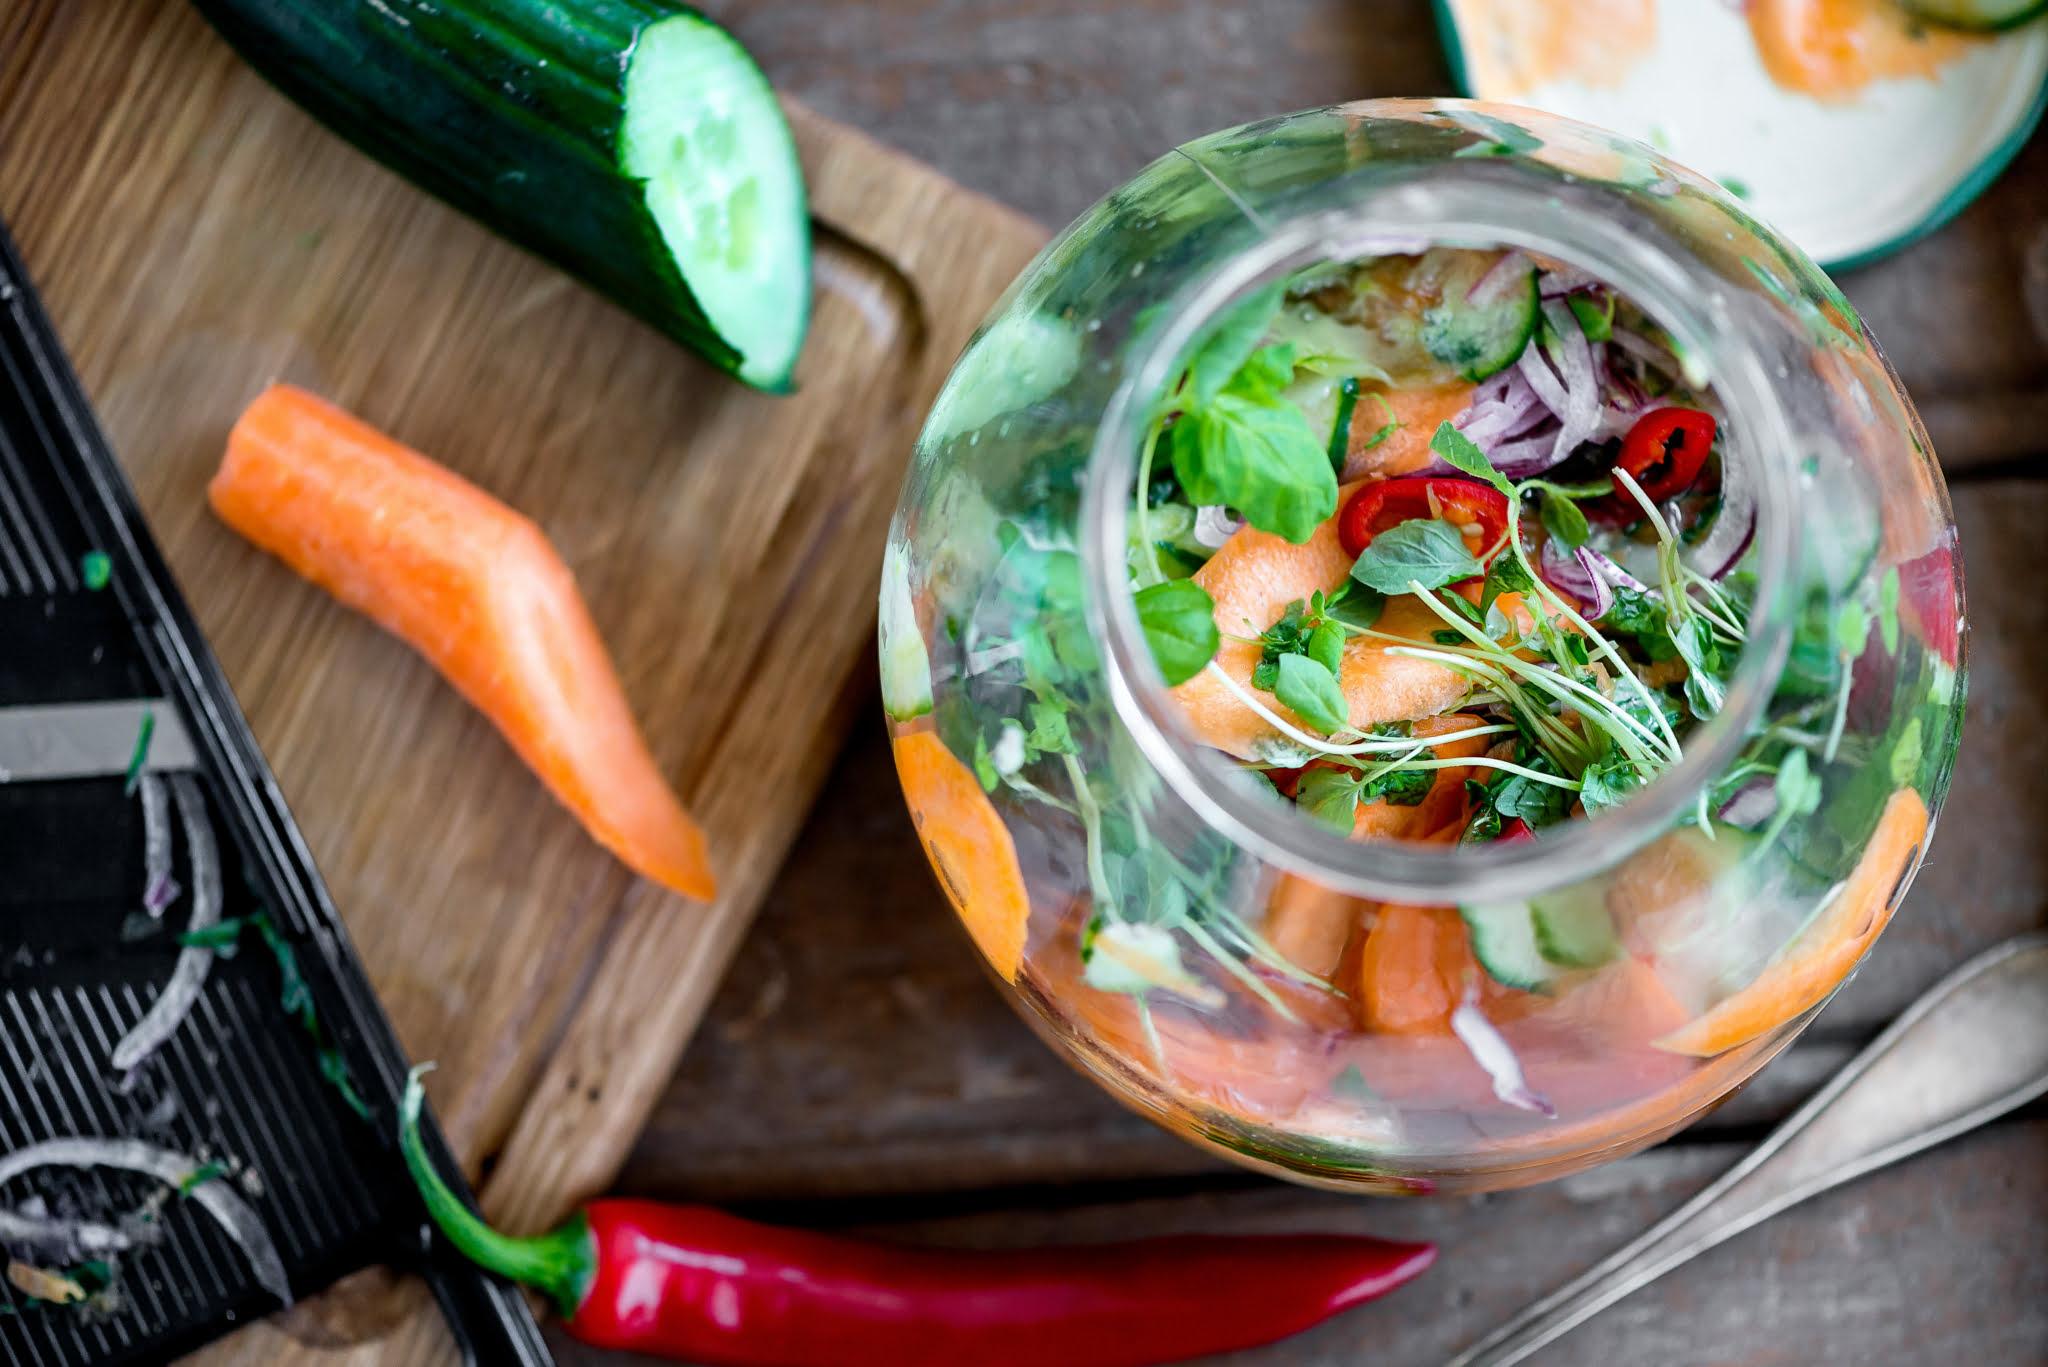 Kuvassa on kurkkurelissiä lasikipossa. Kipon vieressä on vihanneksia.